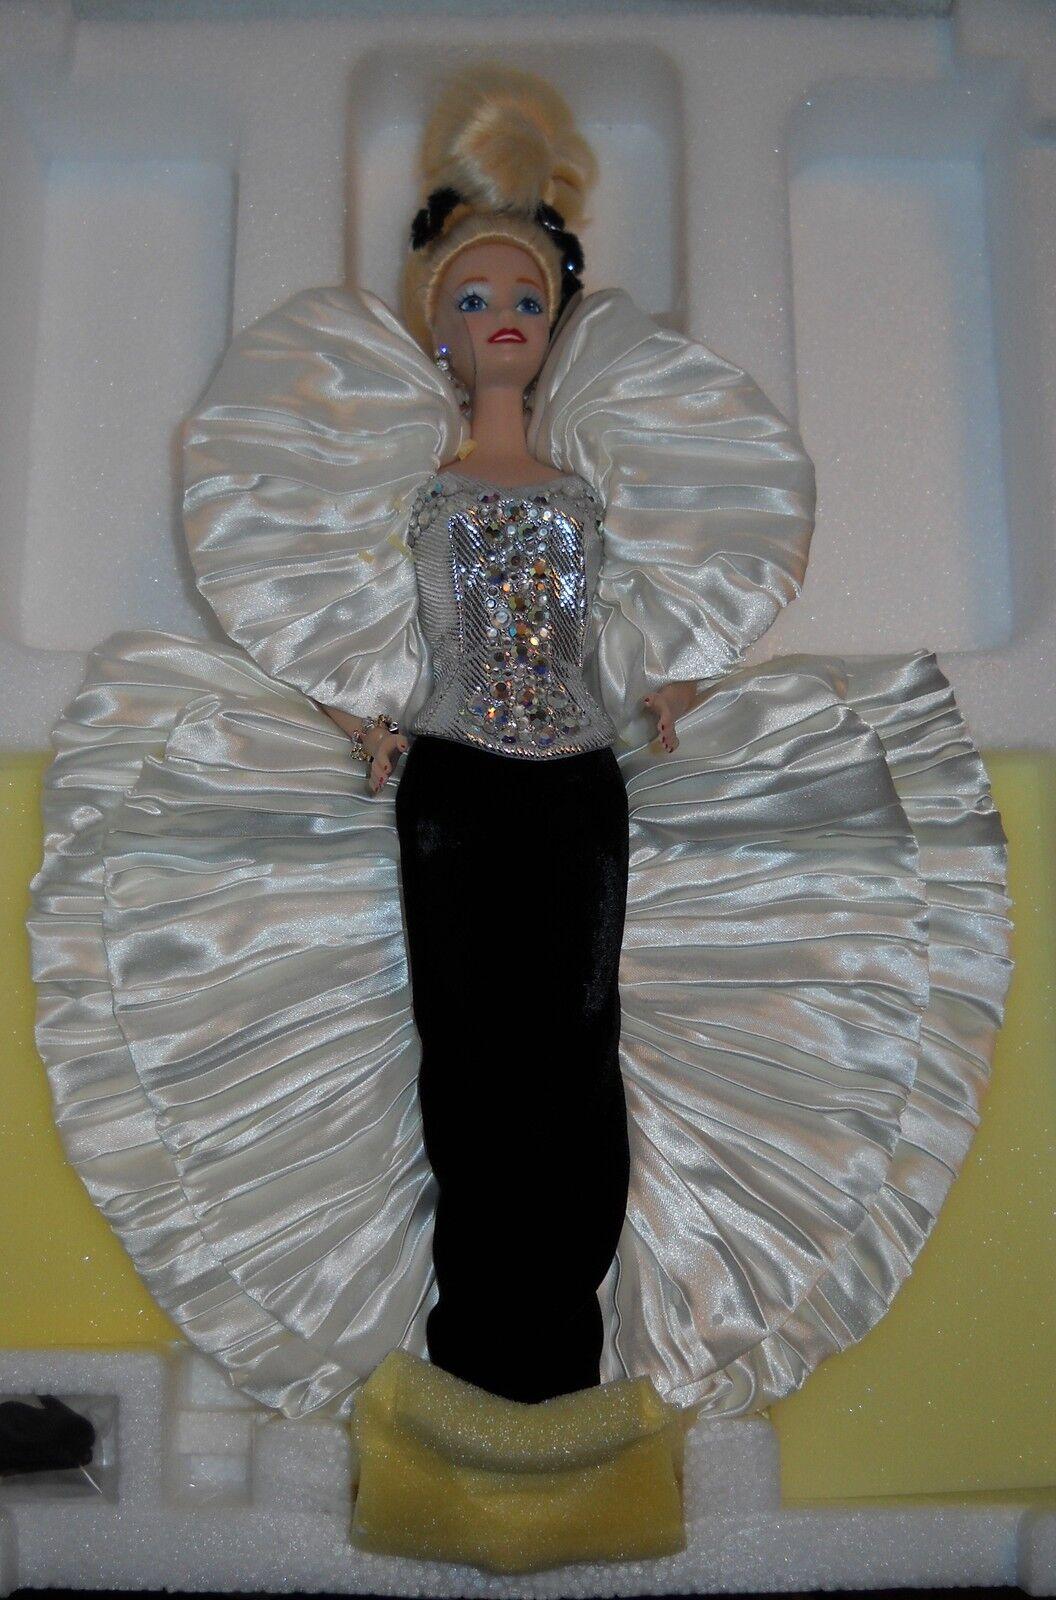 Nunca quitado de la Caja Mattel Colección presidencial Cristal Rhapsody muñeca Barbie de porcelana